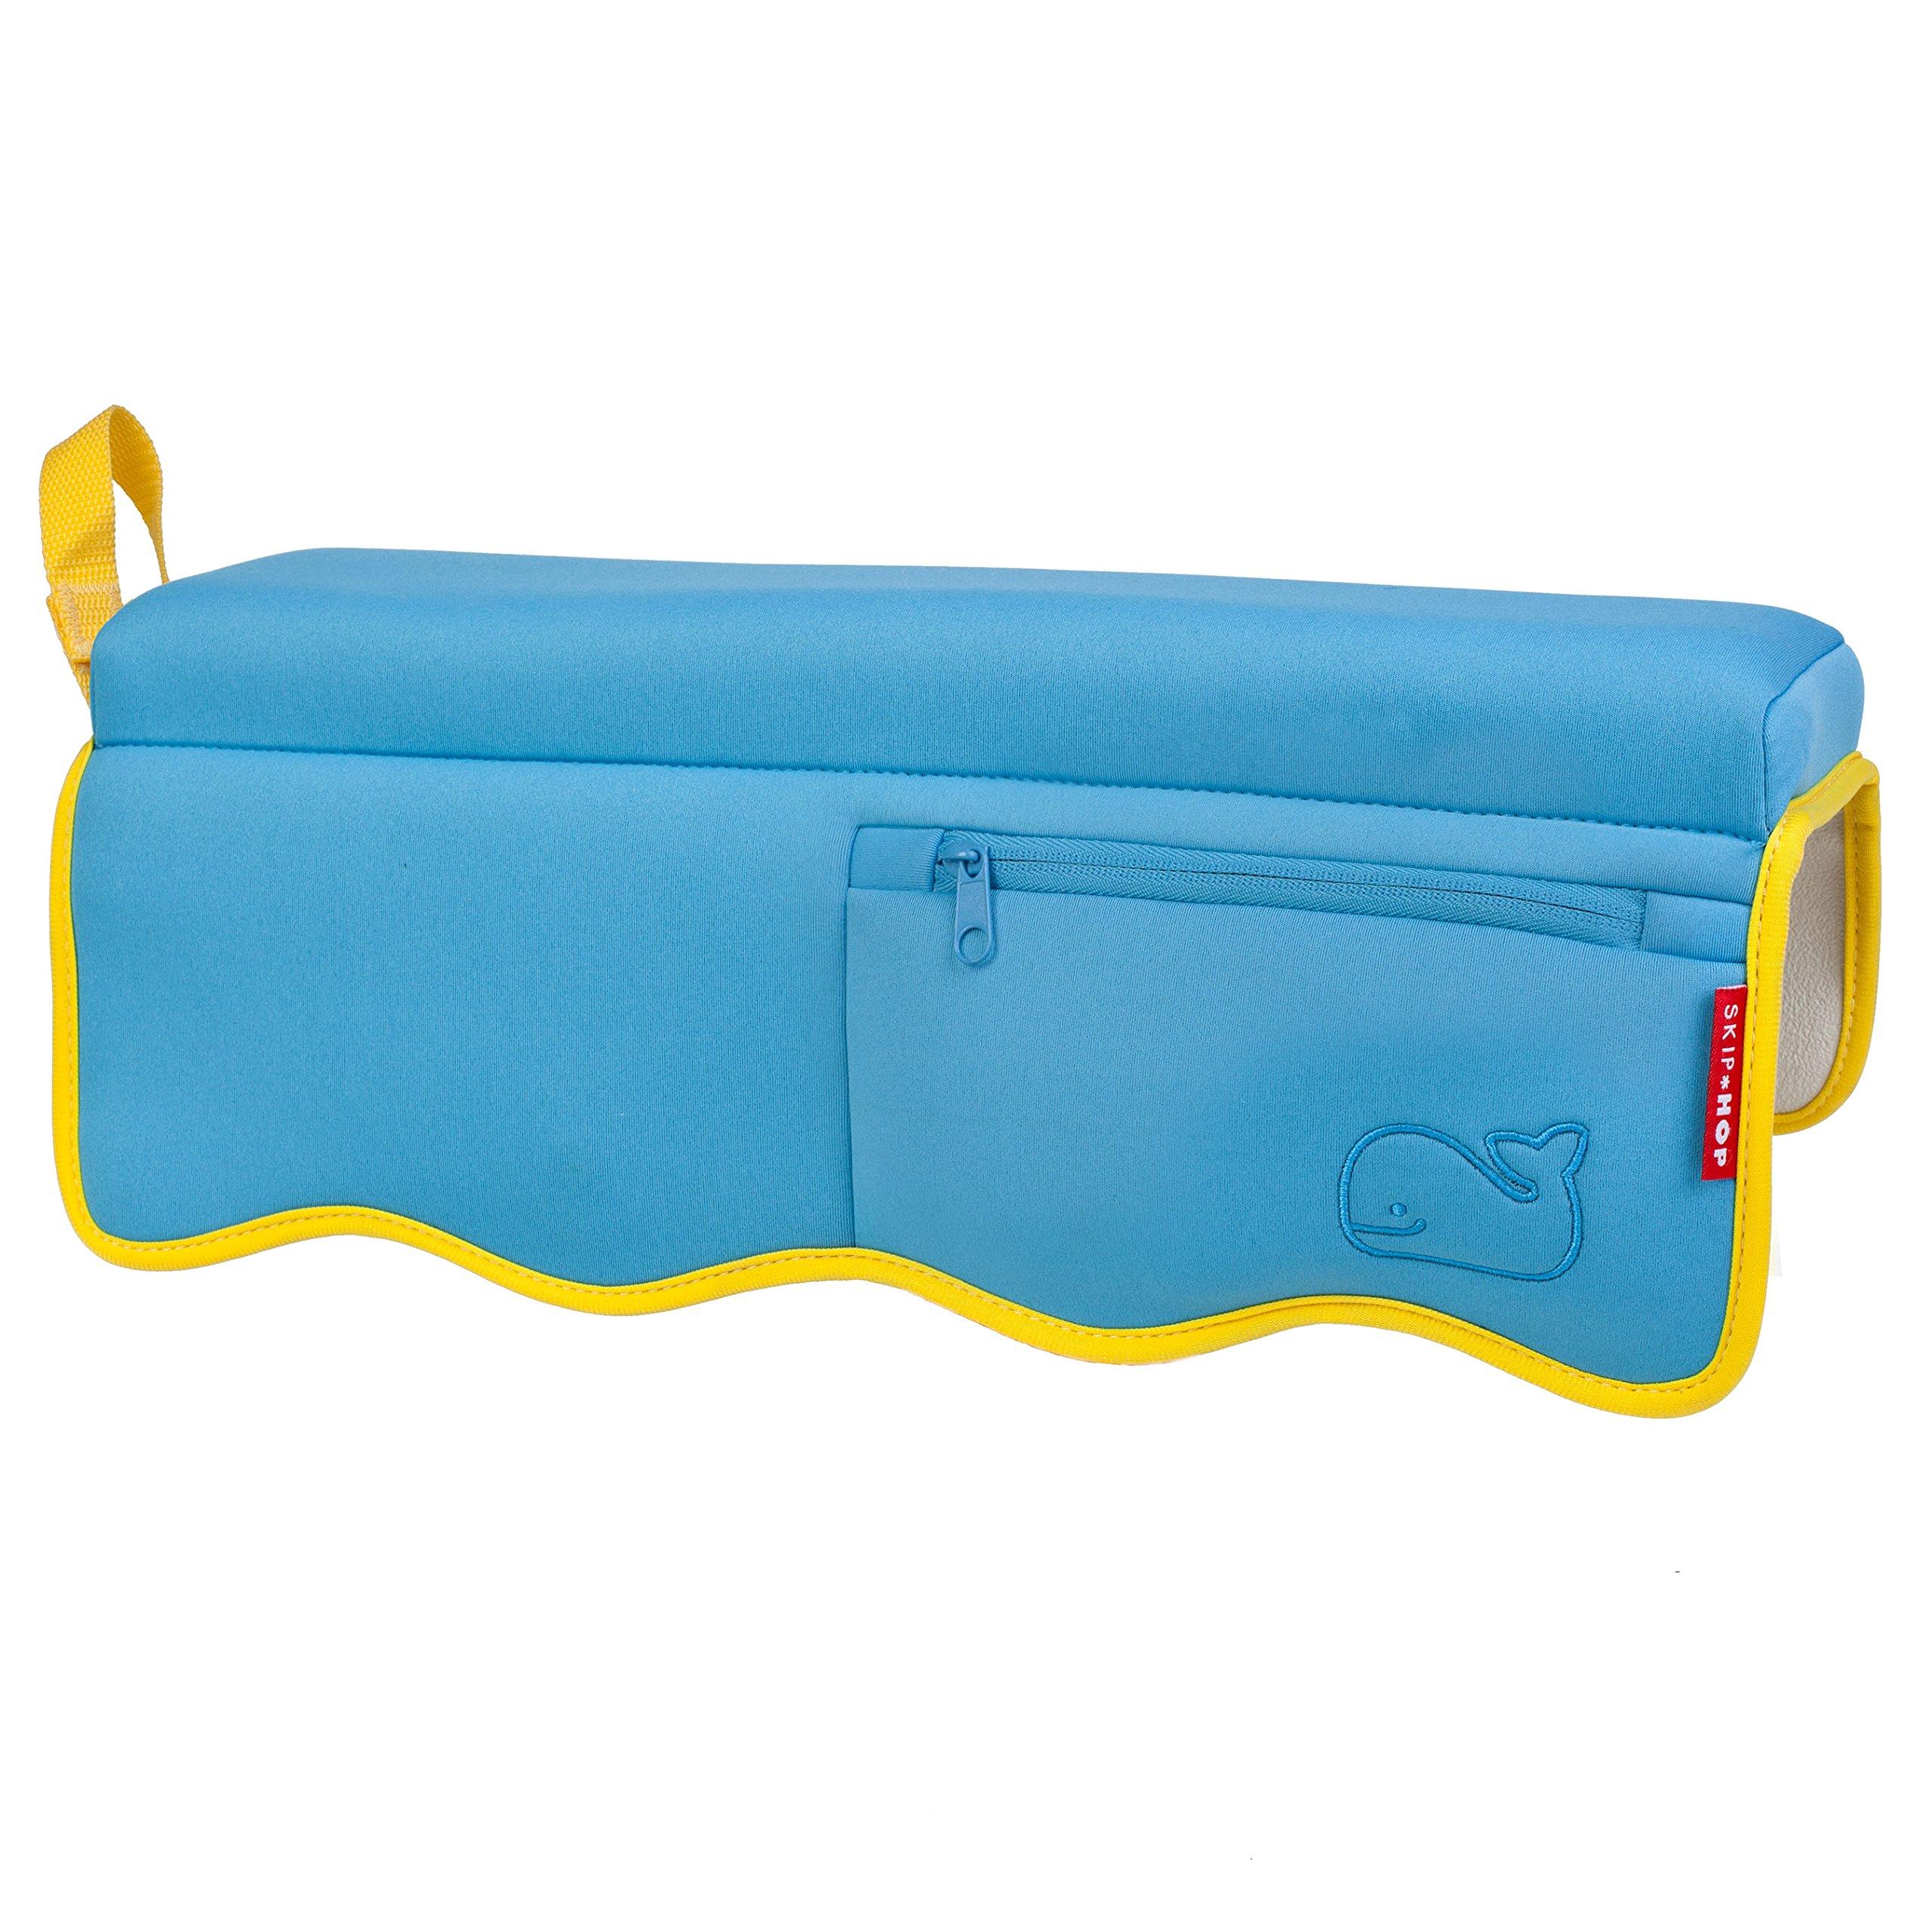 Skip Hop Moby Baby Bath Set, Four Bathtime Essentials - Spout Cover, Bath Kneeler, Elbow Pad, And Bath Mat, Blue by Skip Hop (Image #7)